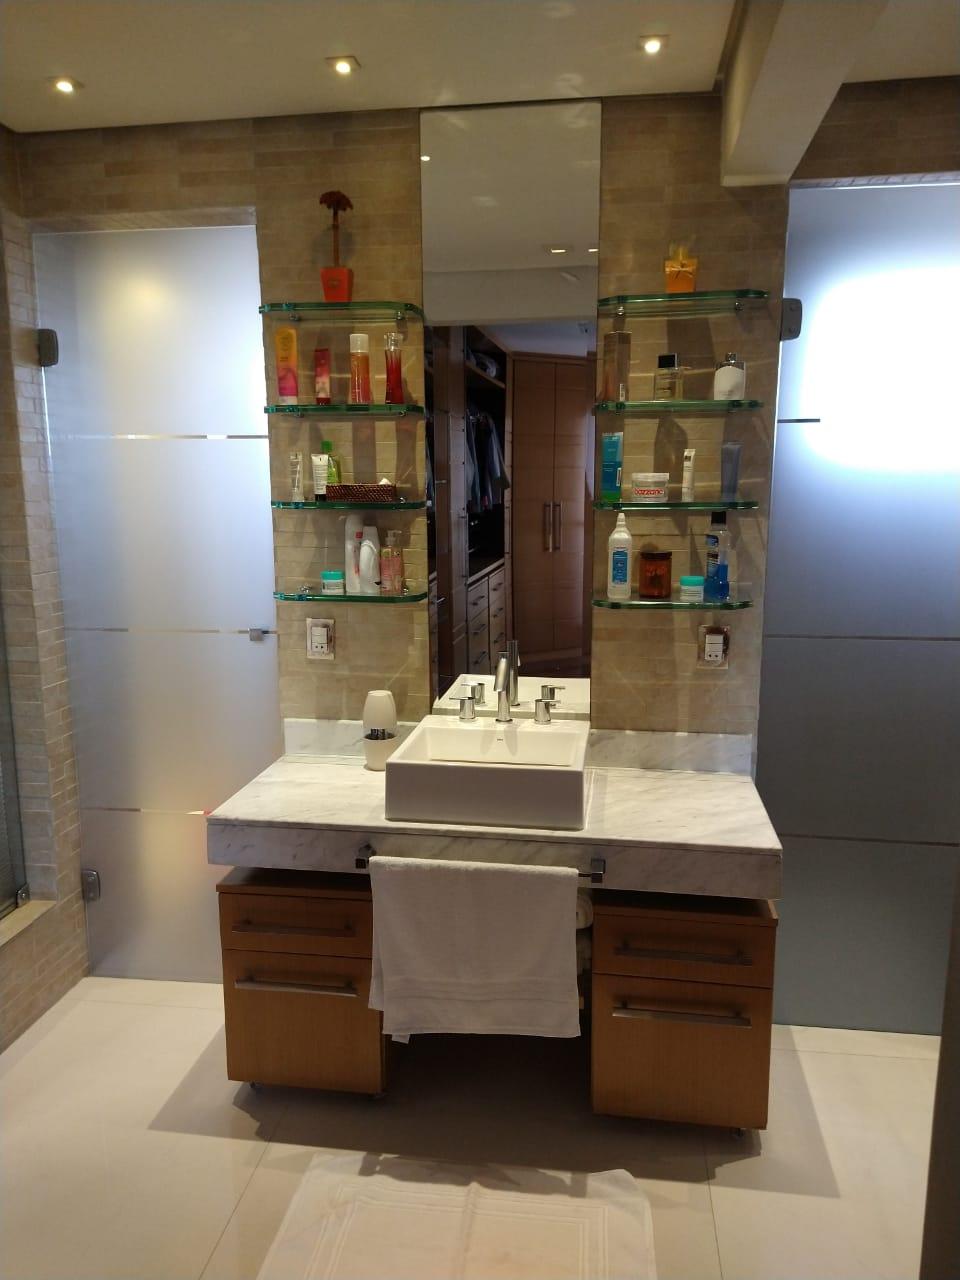 Ipiranga, Apartamento Padrão-Wc da suíte com piso de porcelanato, teto com sanca de gesso e iluminação direta, box de vidro